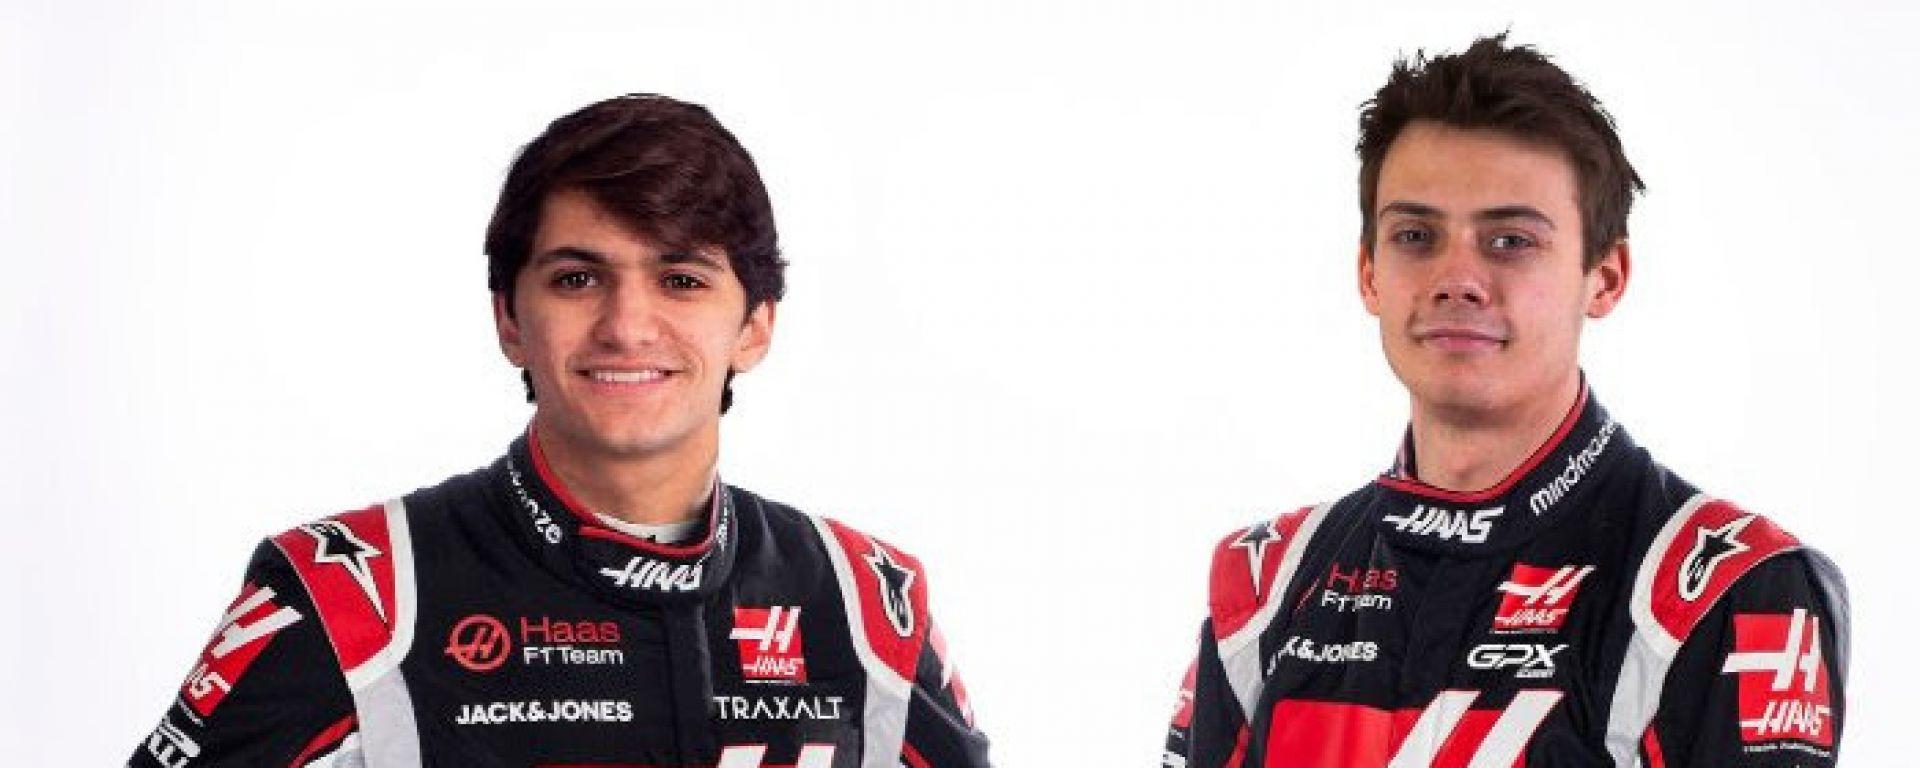 Pietro Fittipaldi e Louis Deletraz, i piloti di riserva del Haas F1 Team